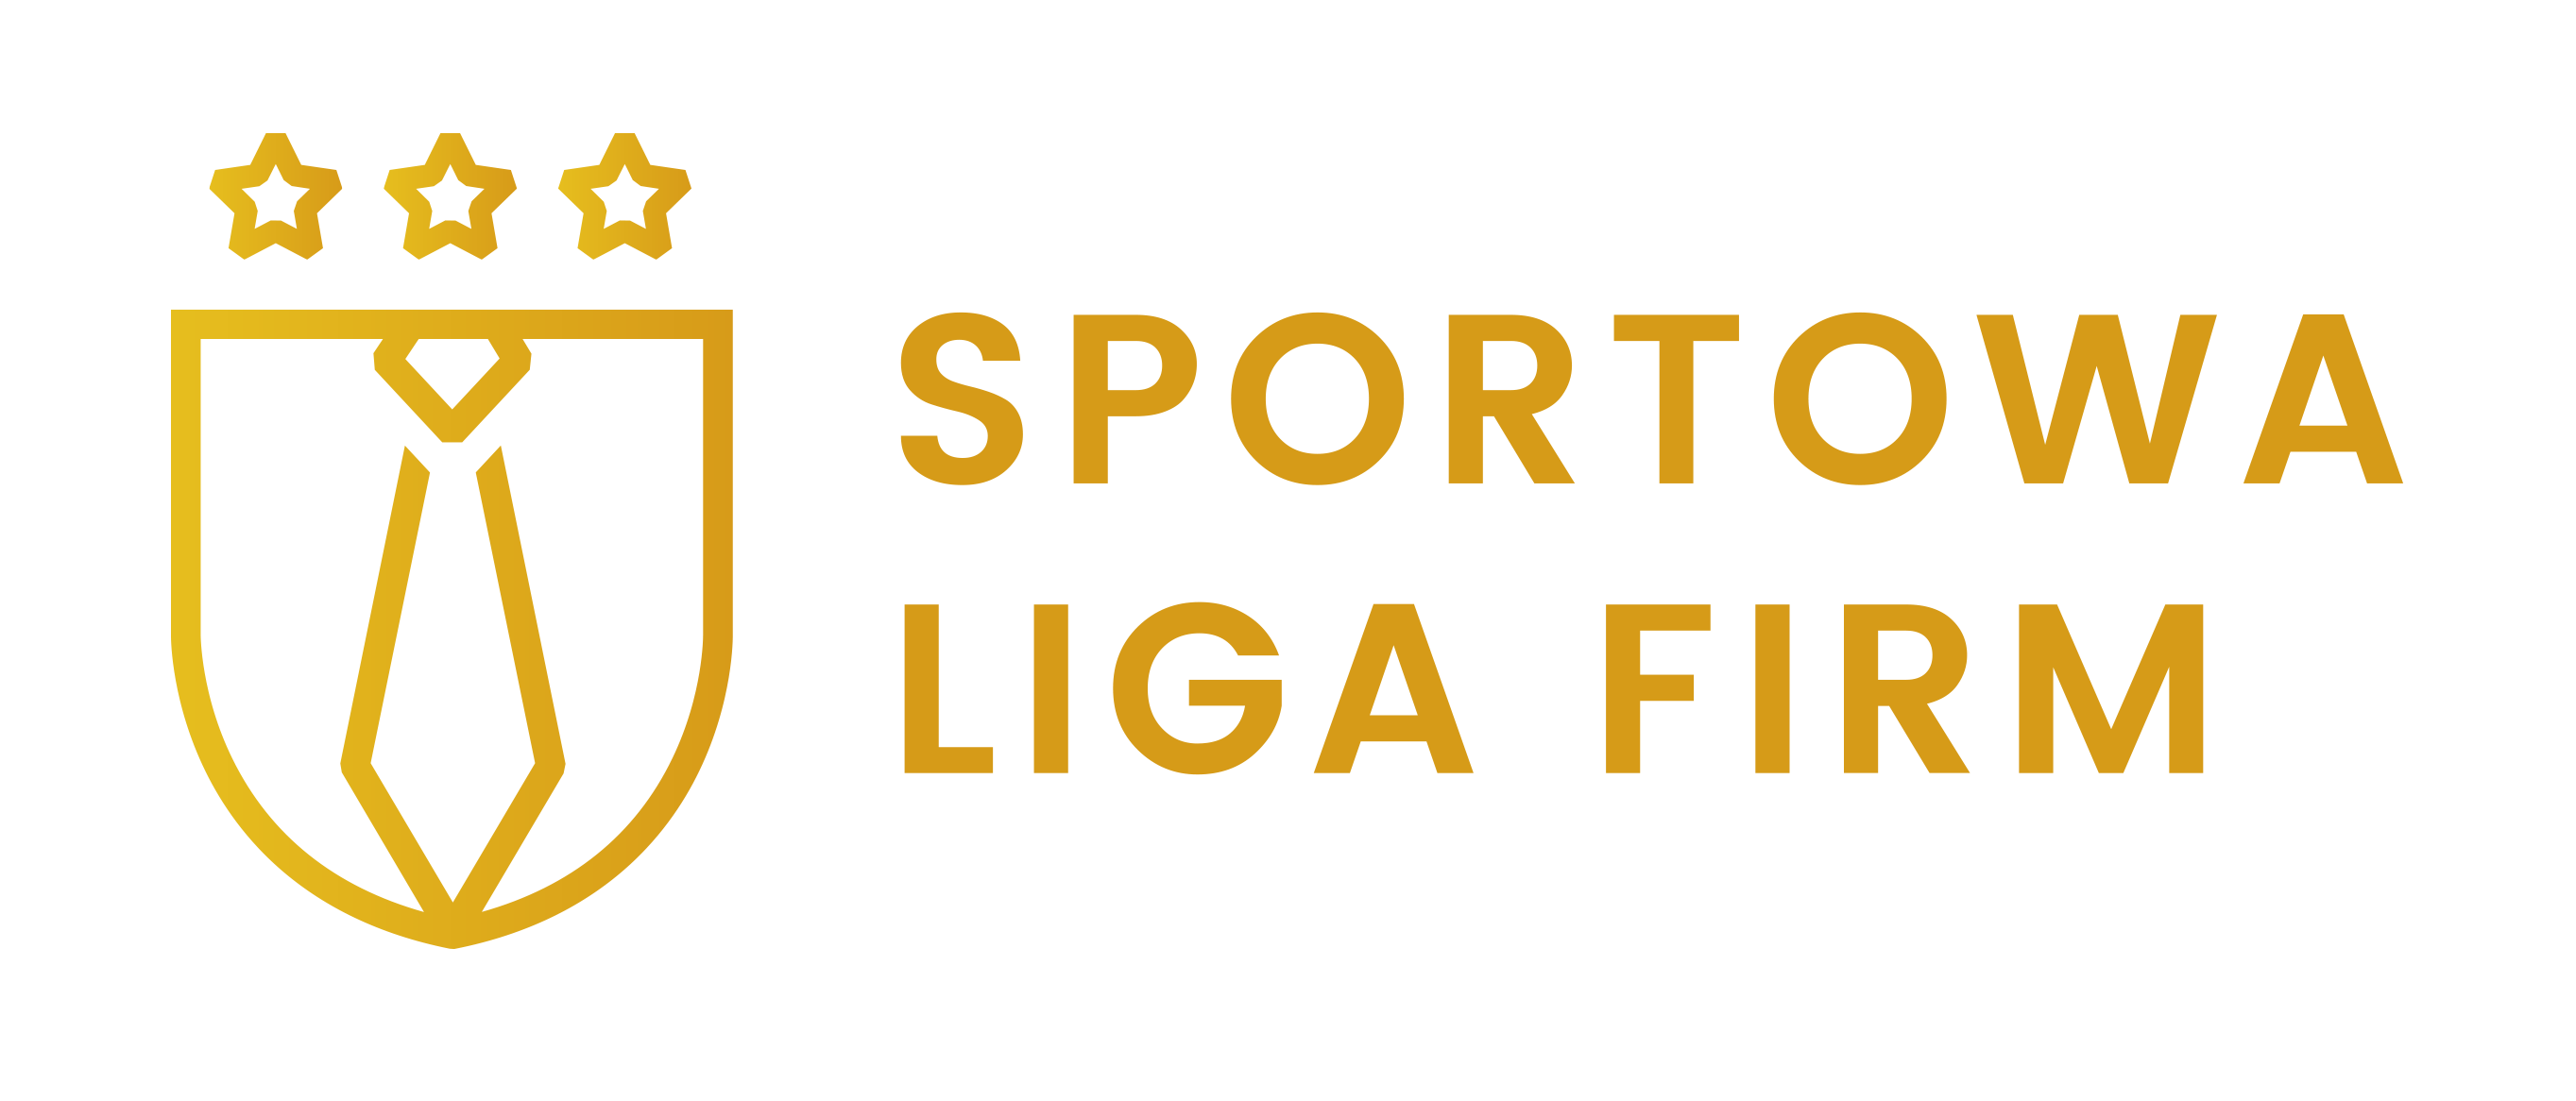 Sportowa Liga Firm